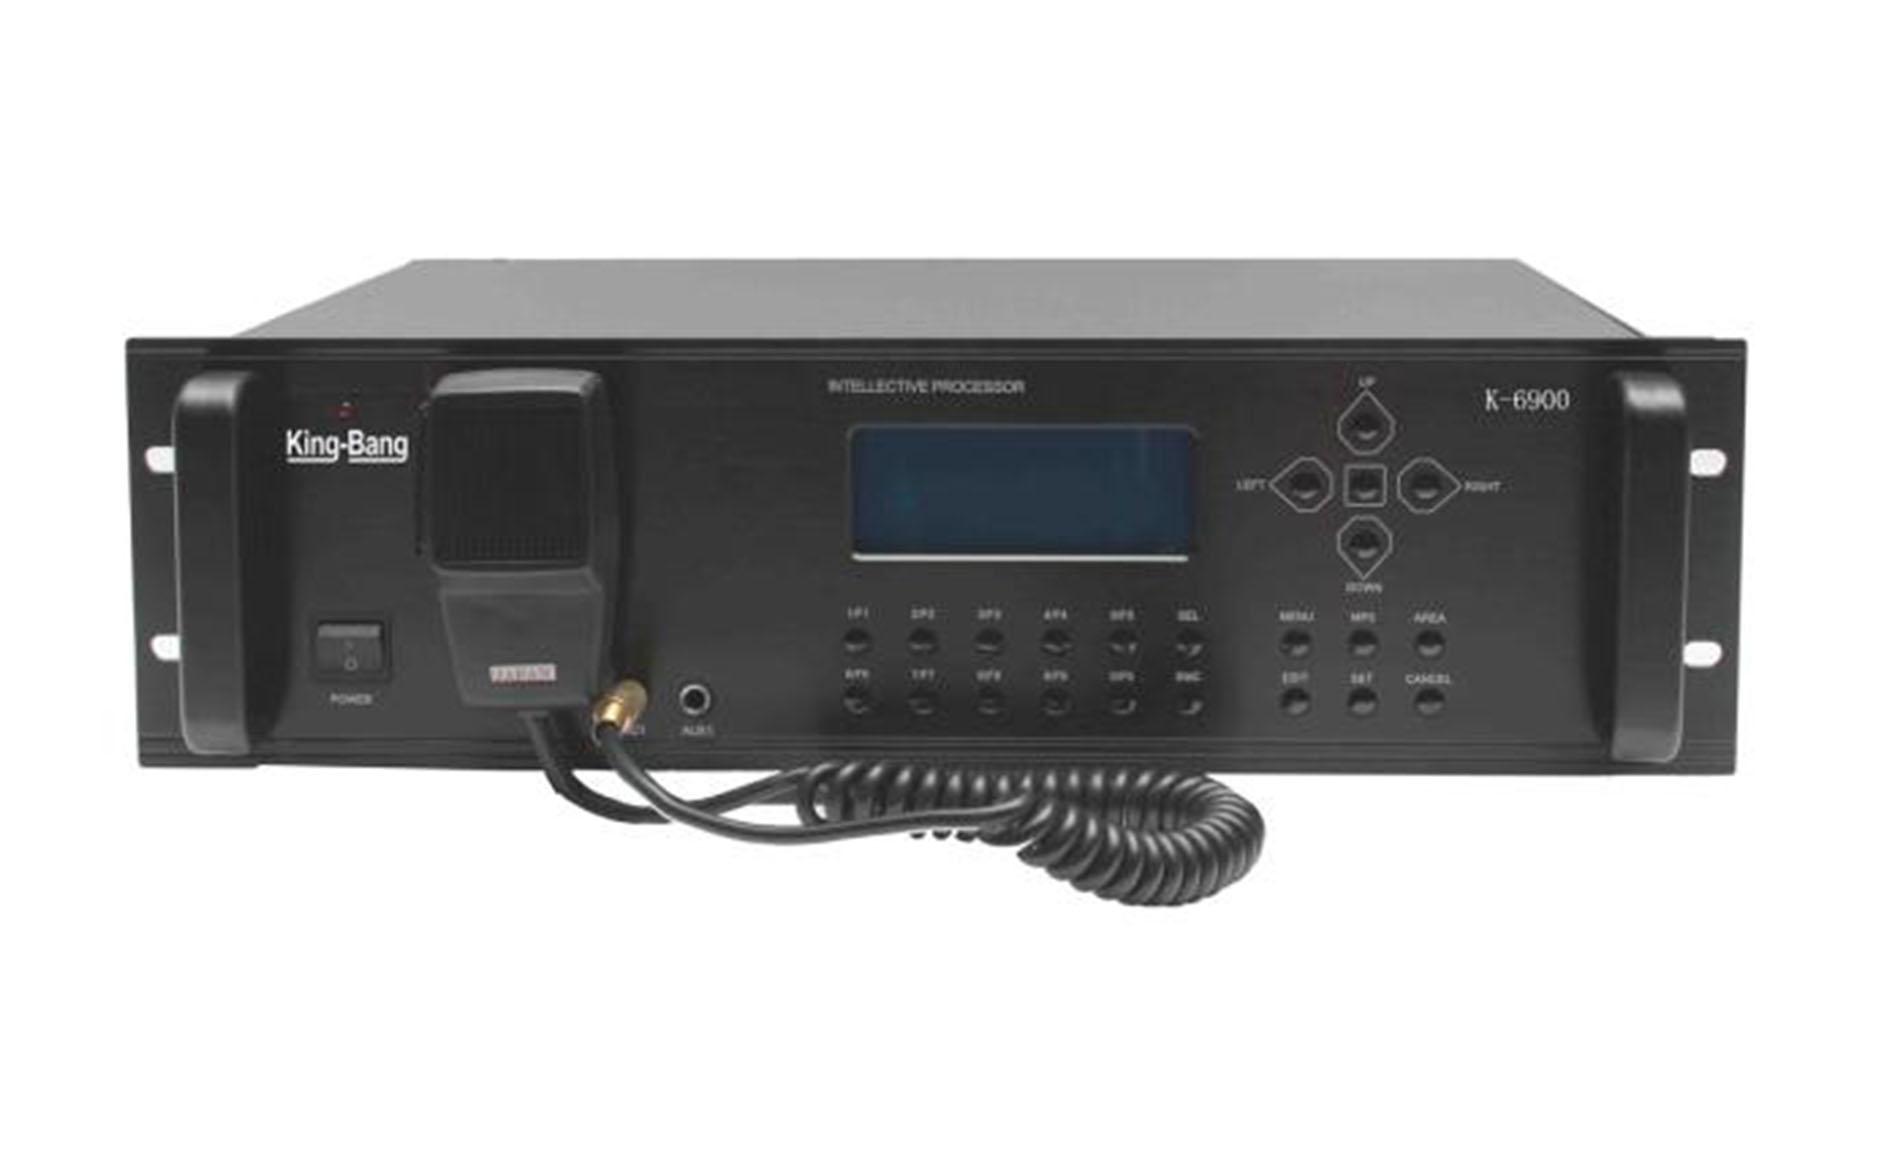 智能模块广播主机 K-6900